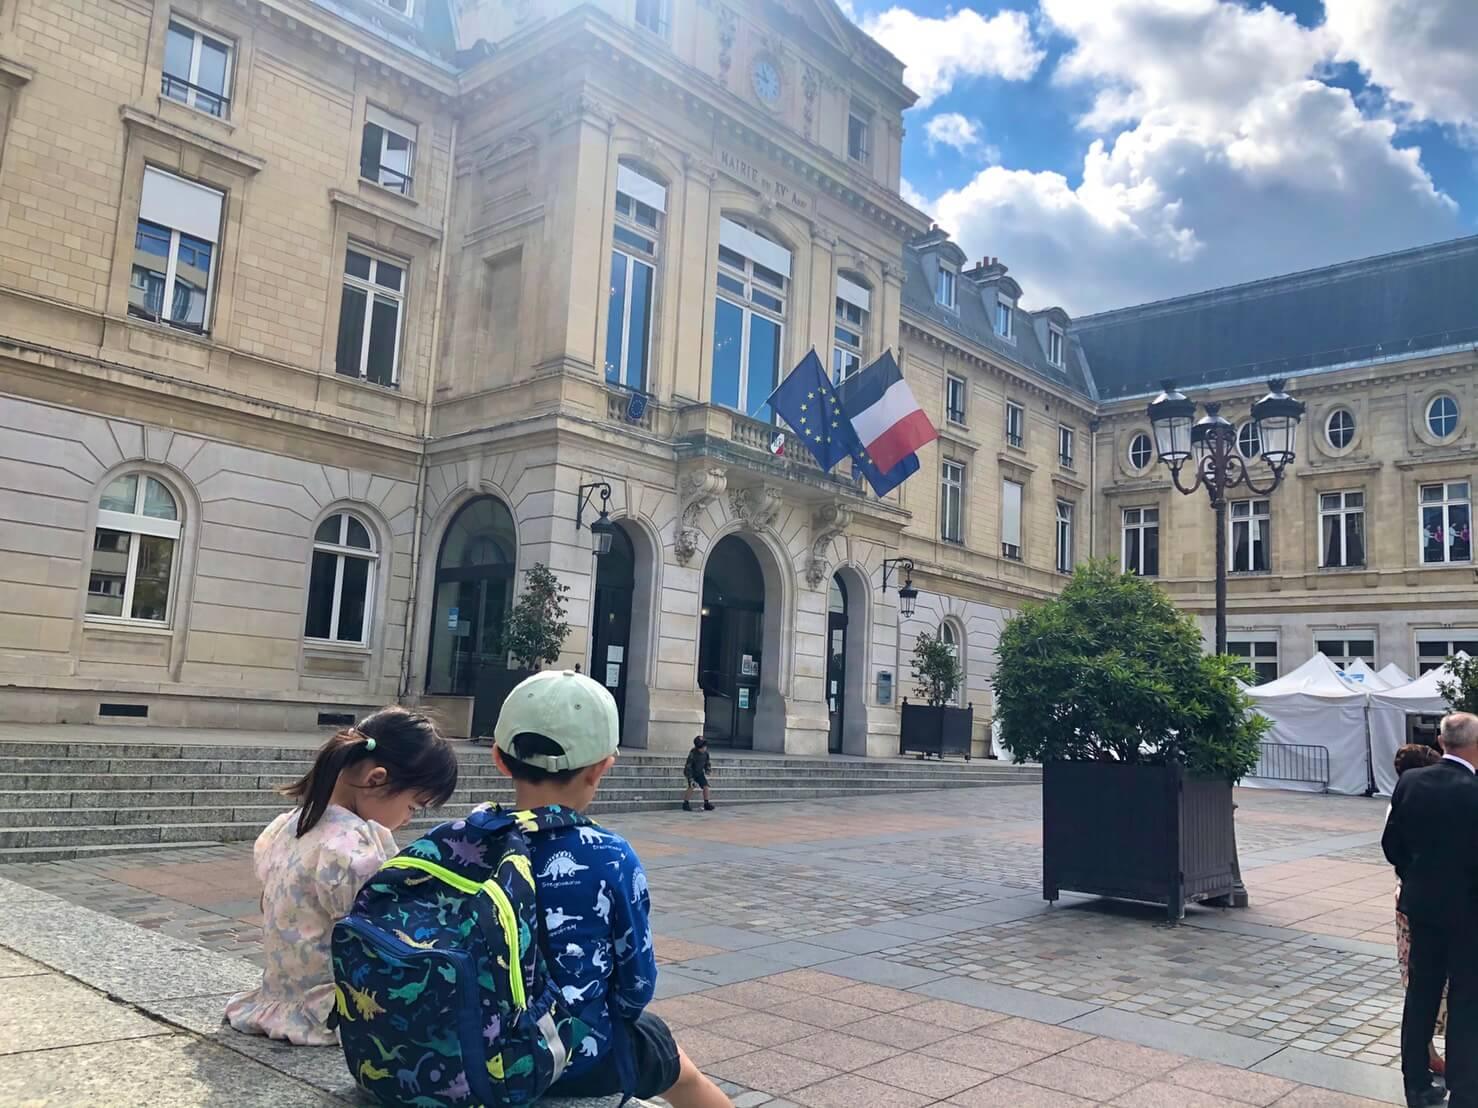 グローバル教育・グローバル育児・グローバルアドバイザー・グローバルコーチ・バイリンガル教育・海外駐在・フランスの教育